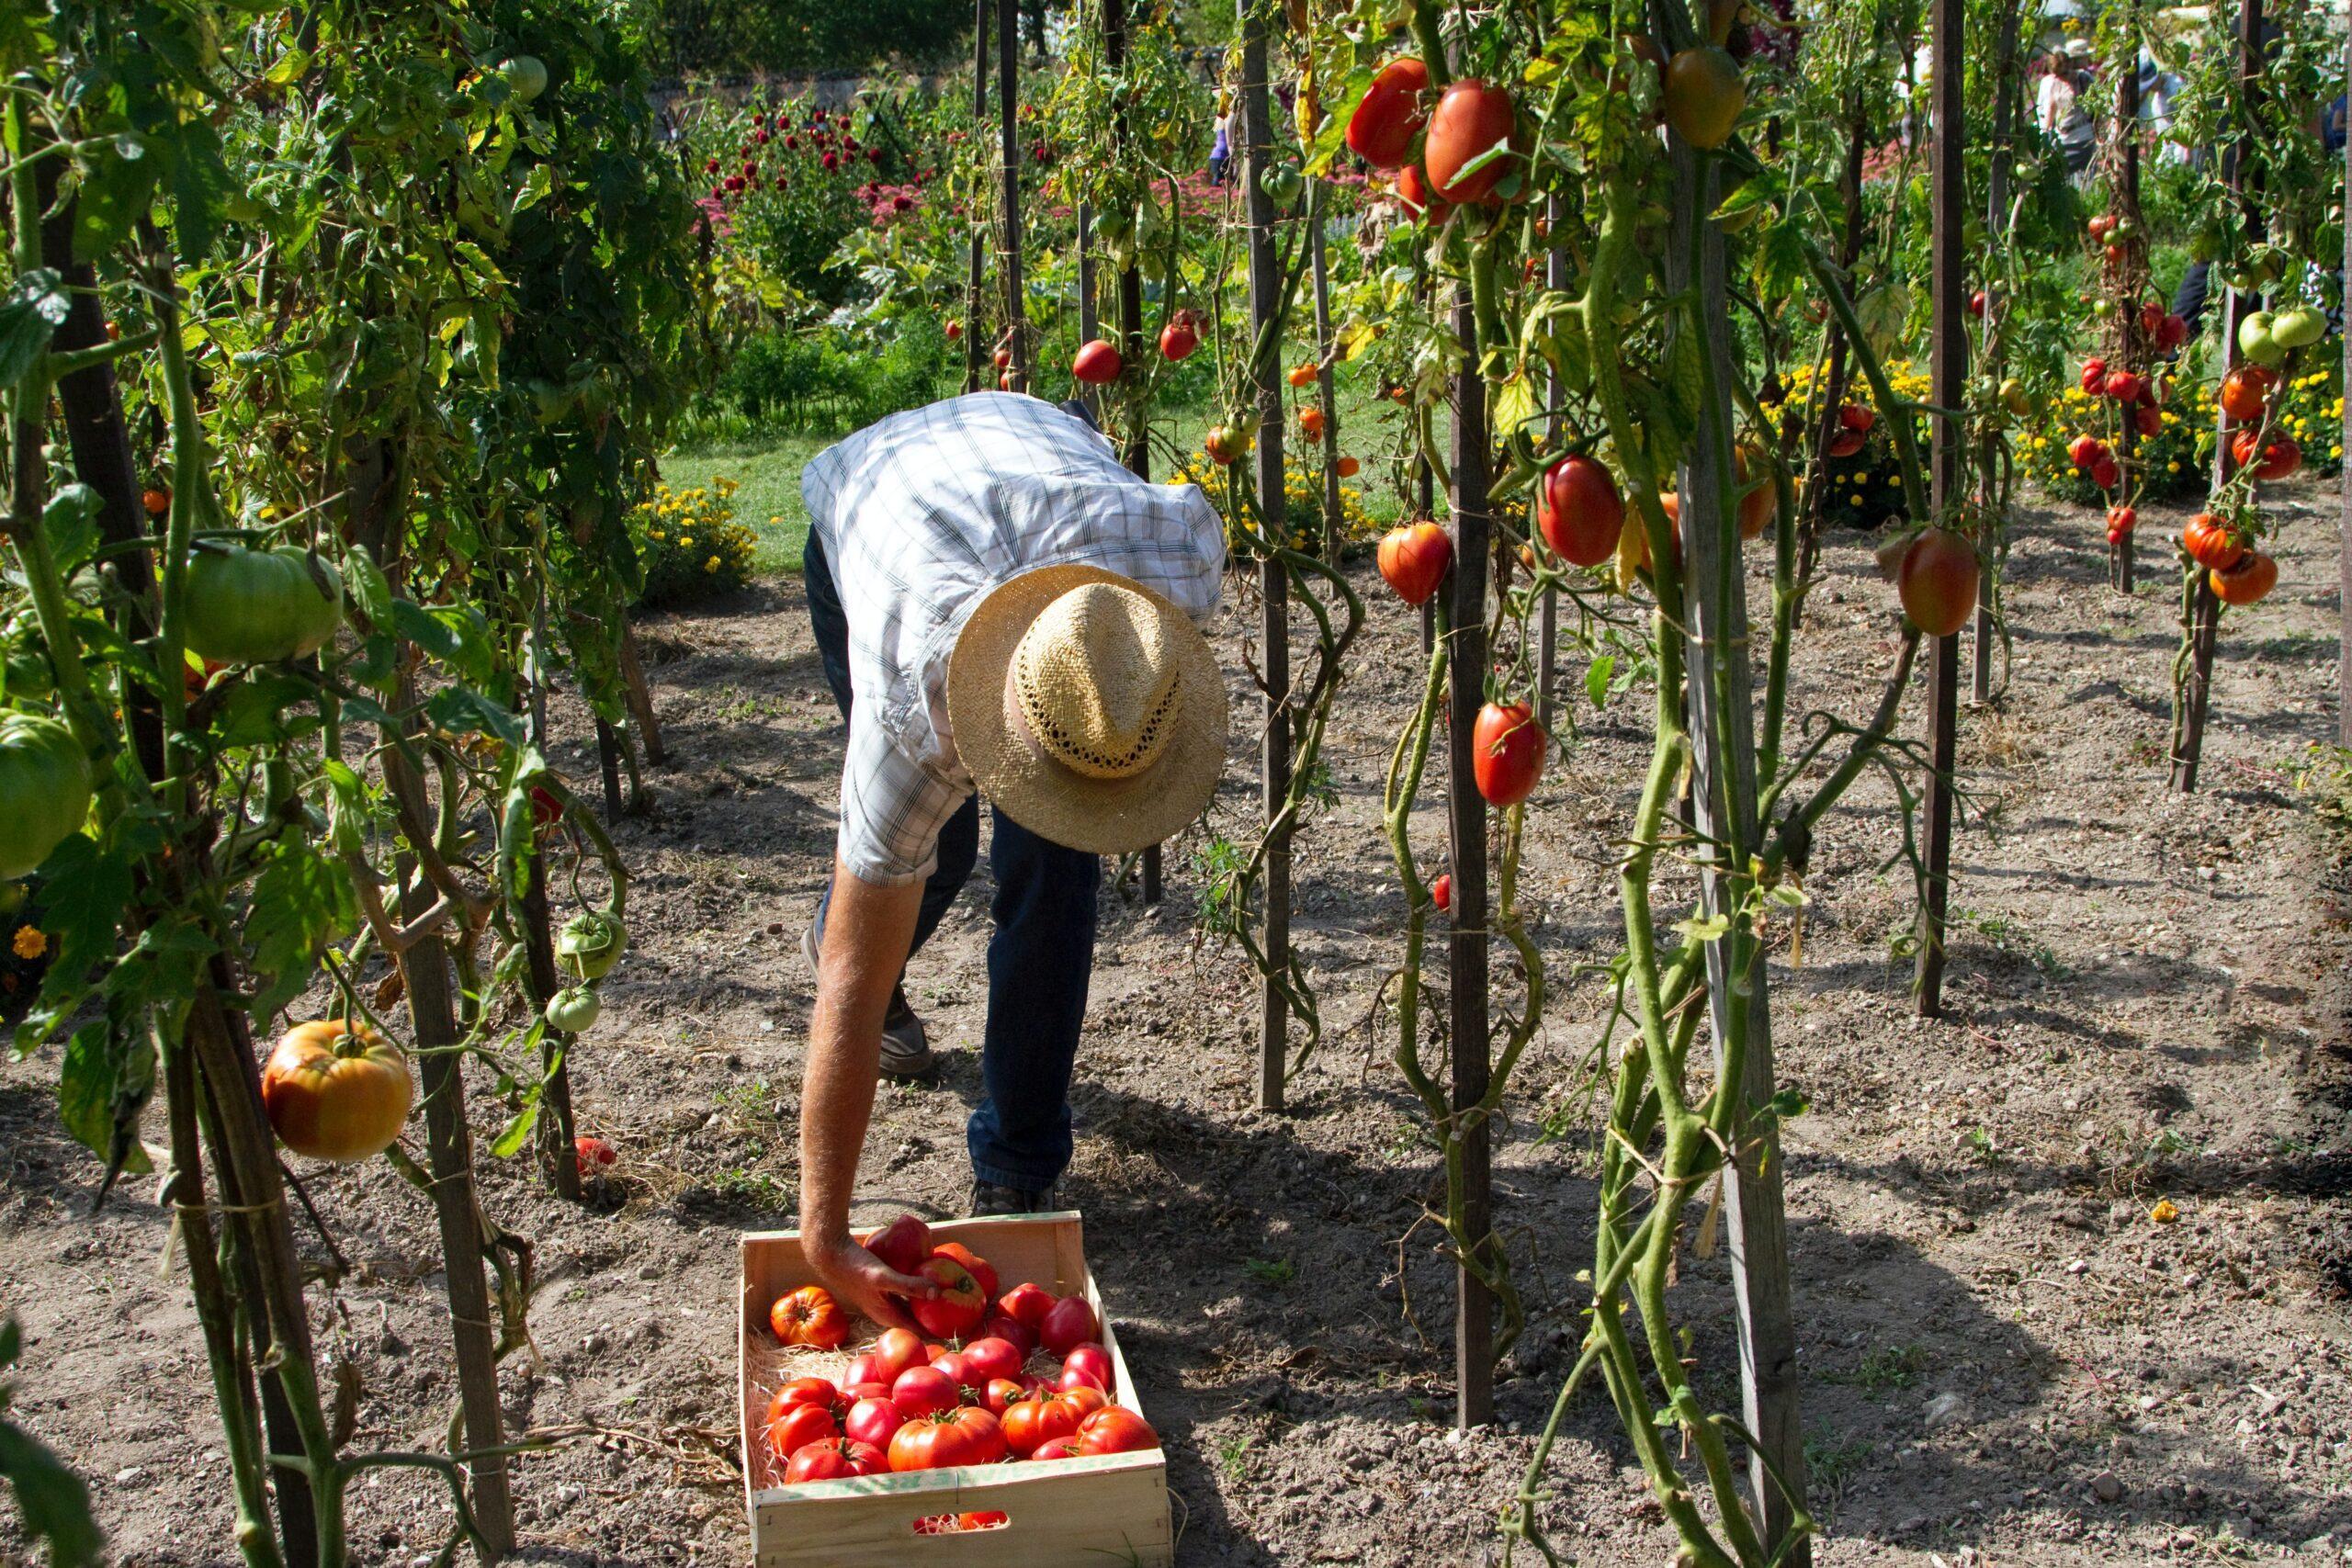 rolnik zbierający plony z posadzonych pomidorów